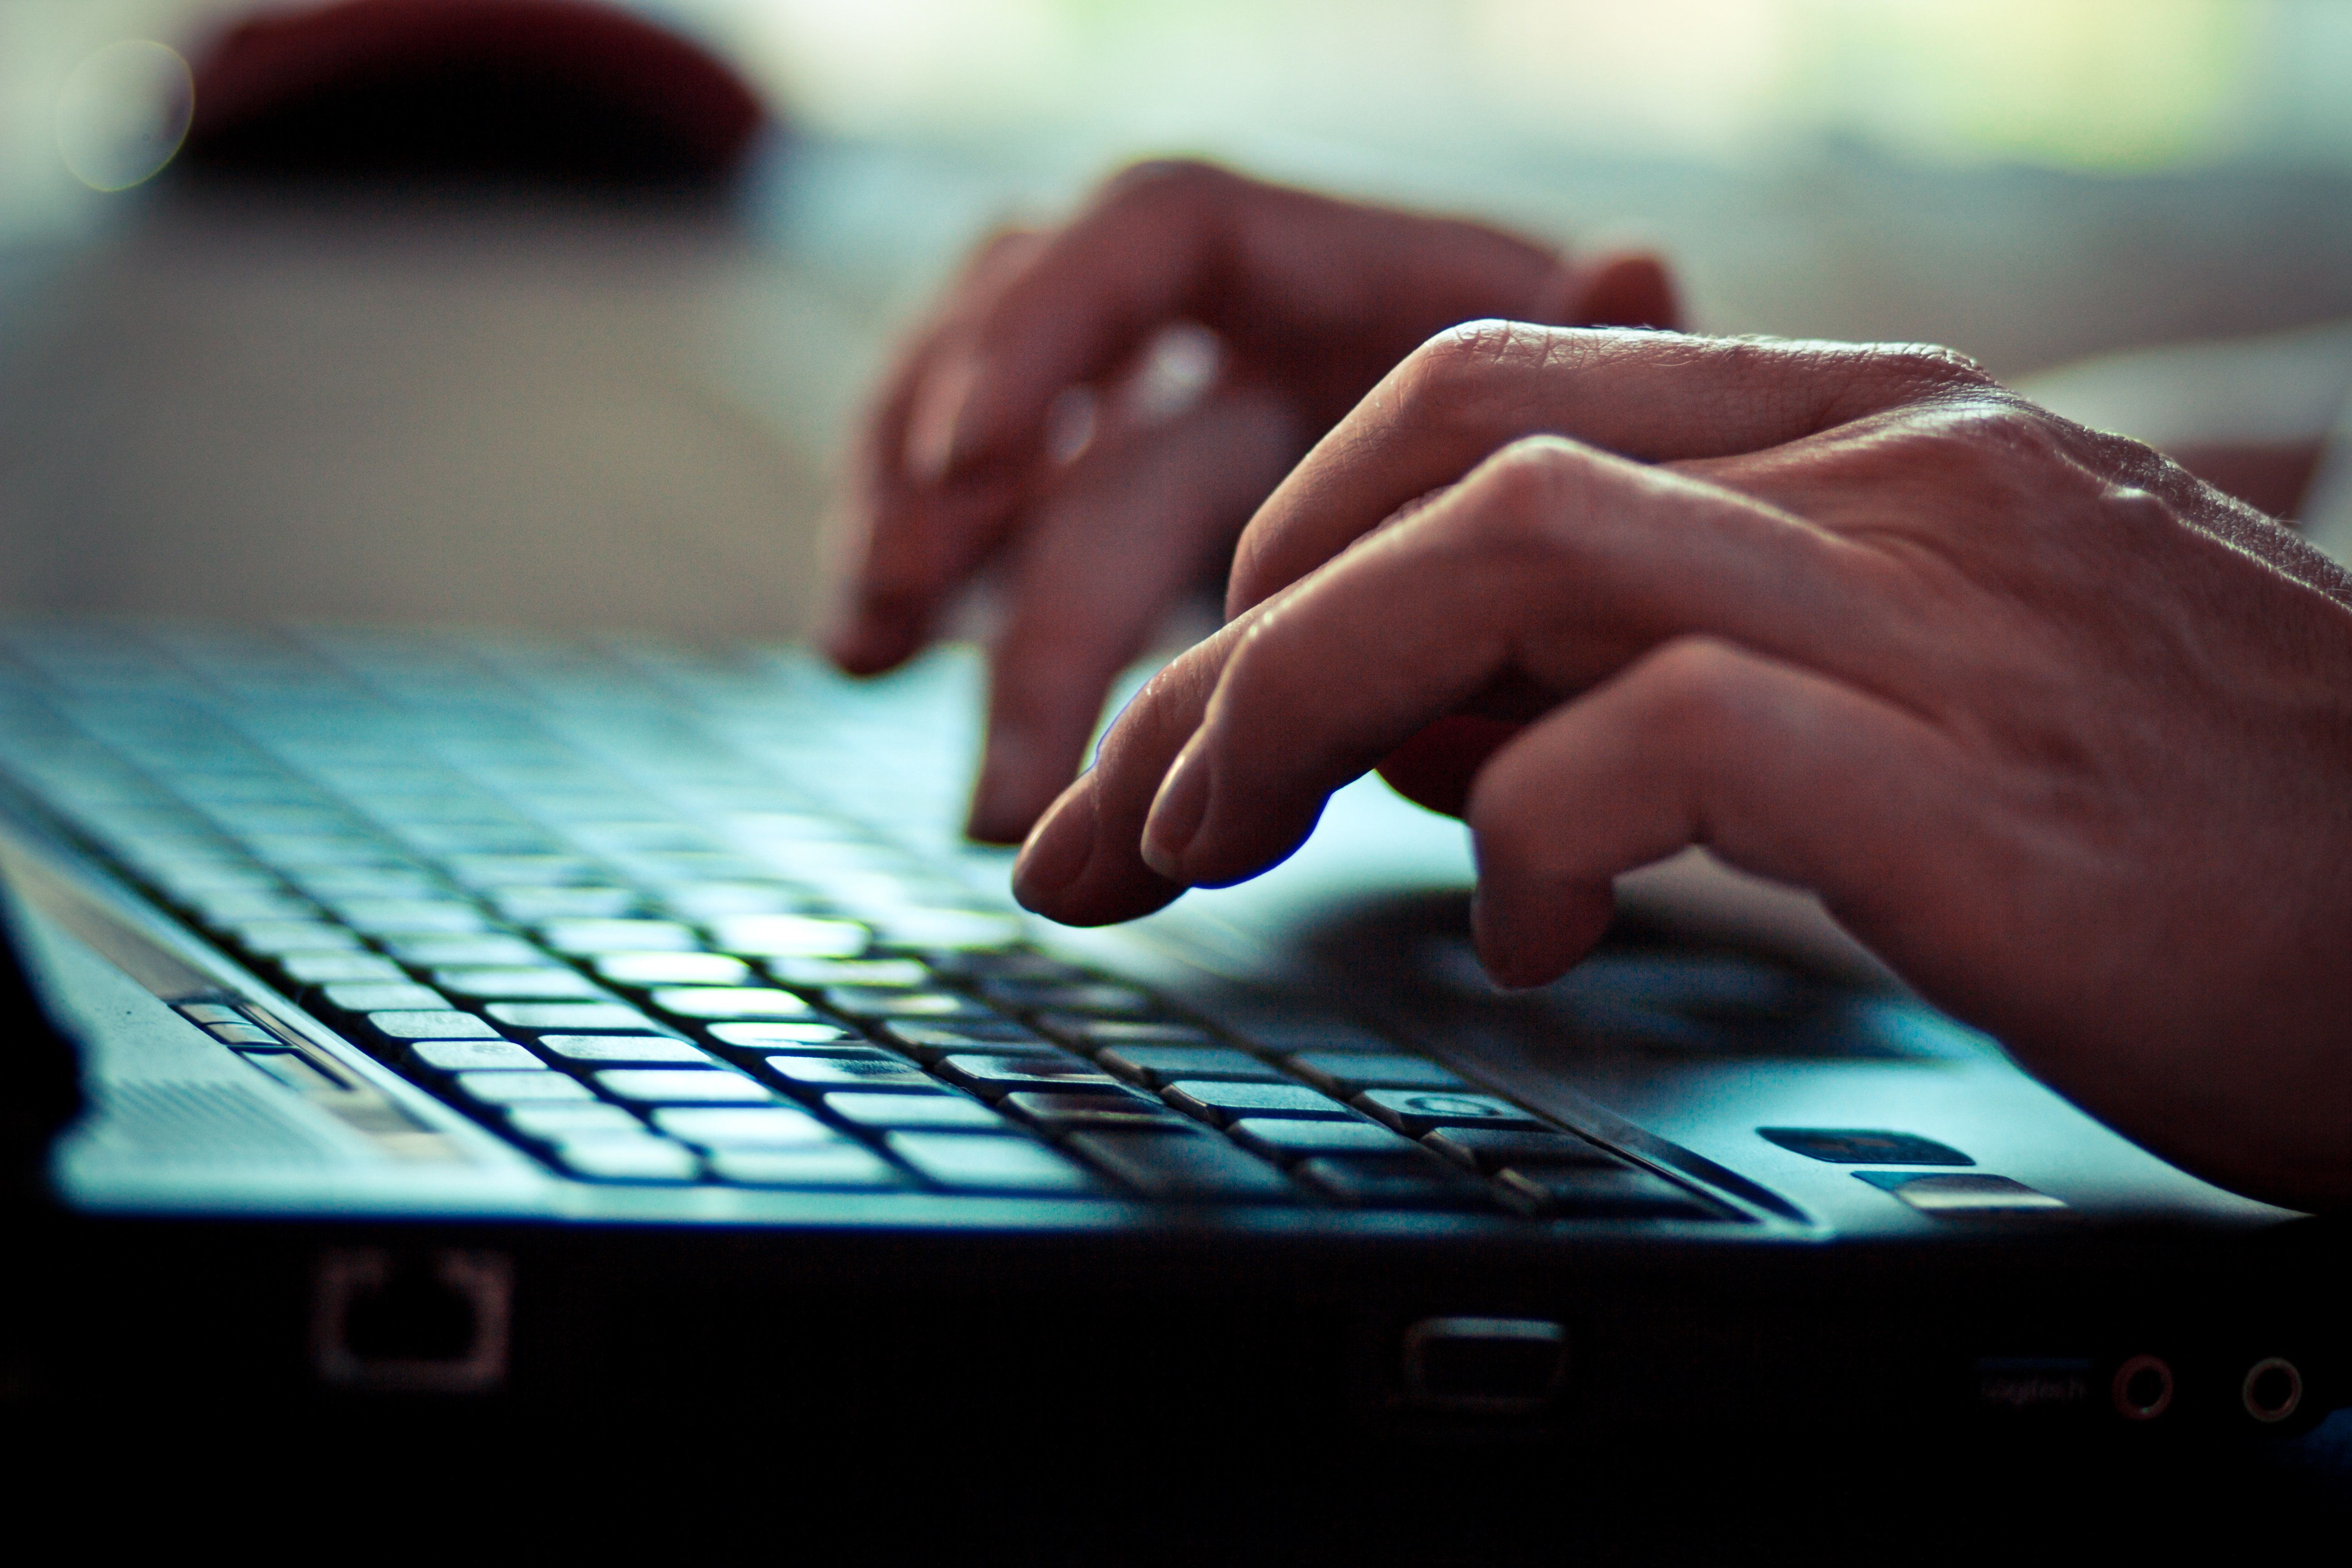 Women is writing on laptop keyboard.